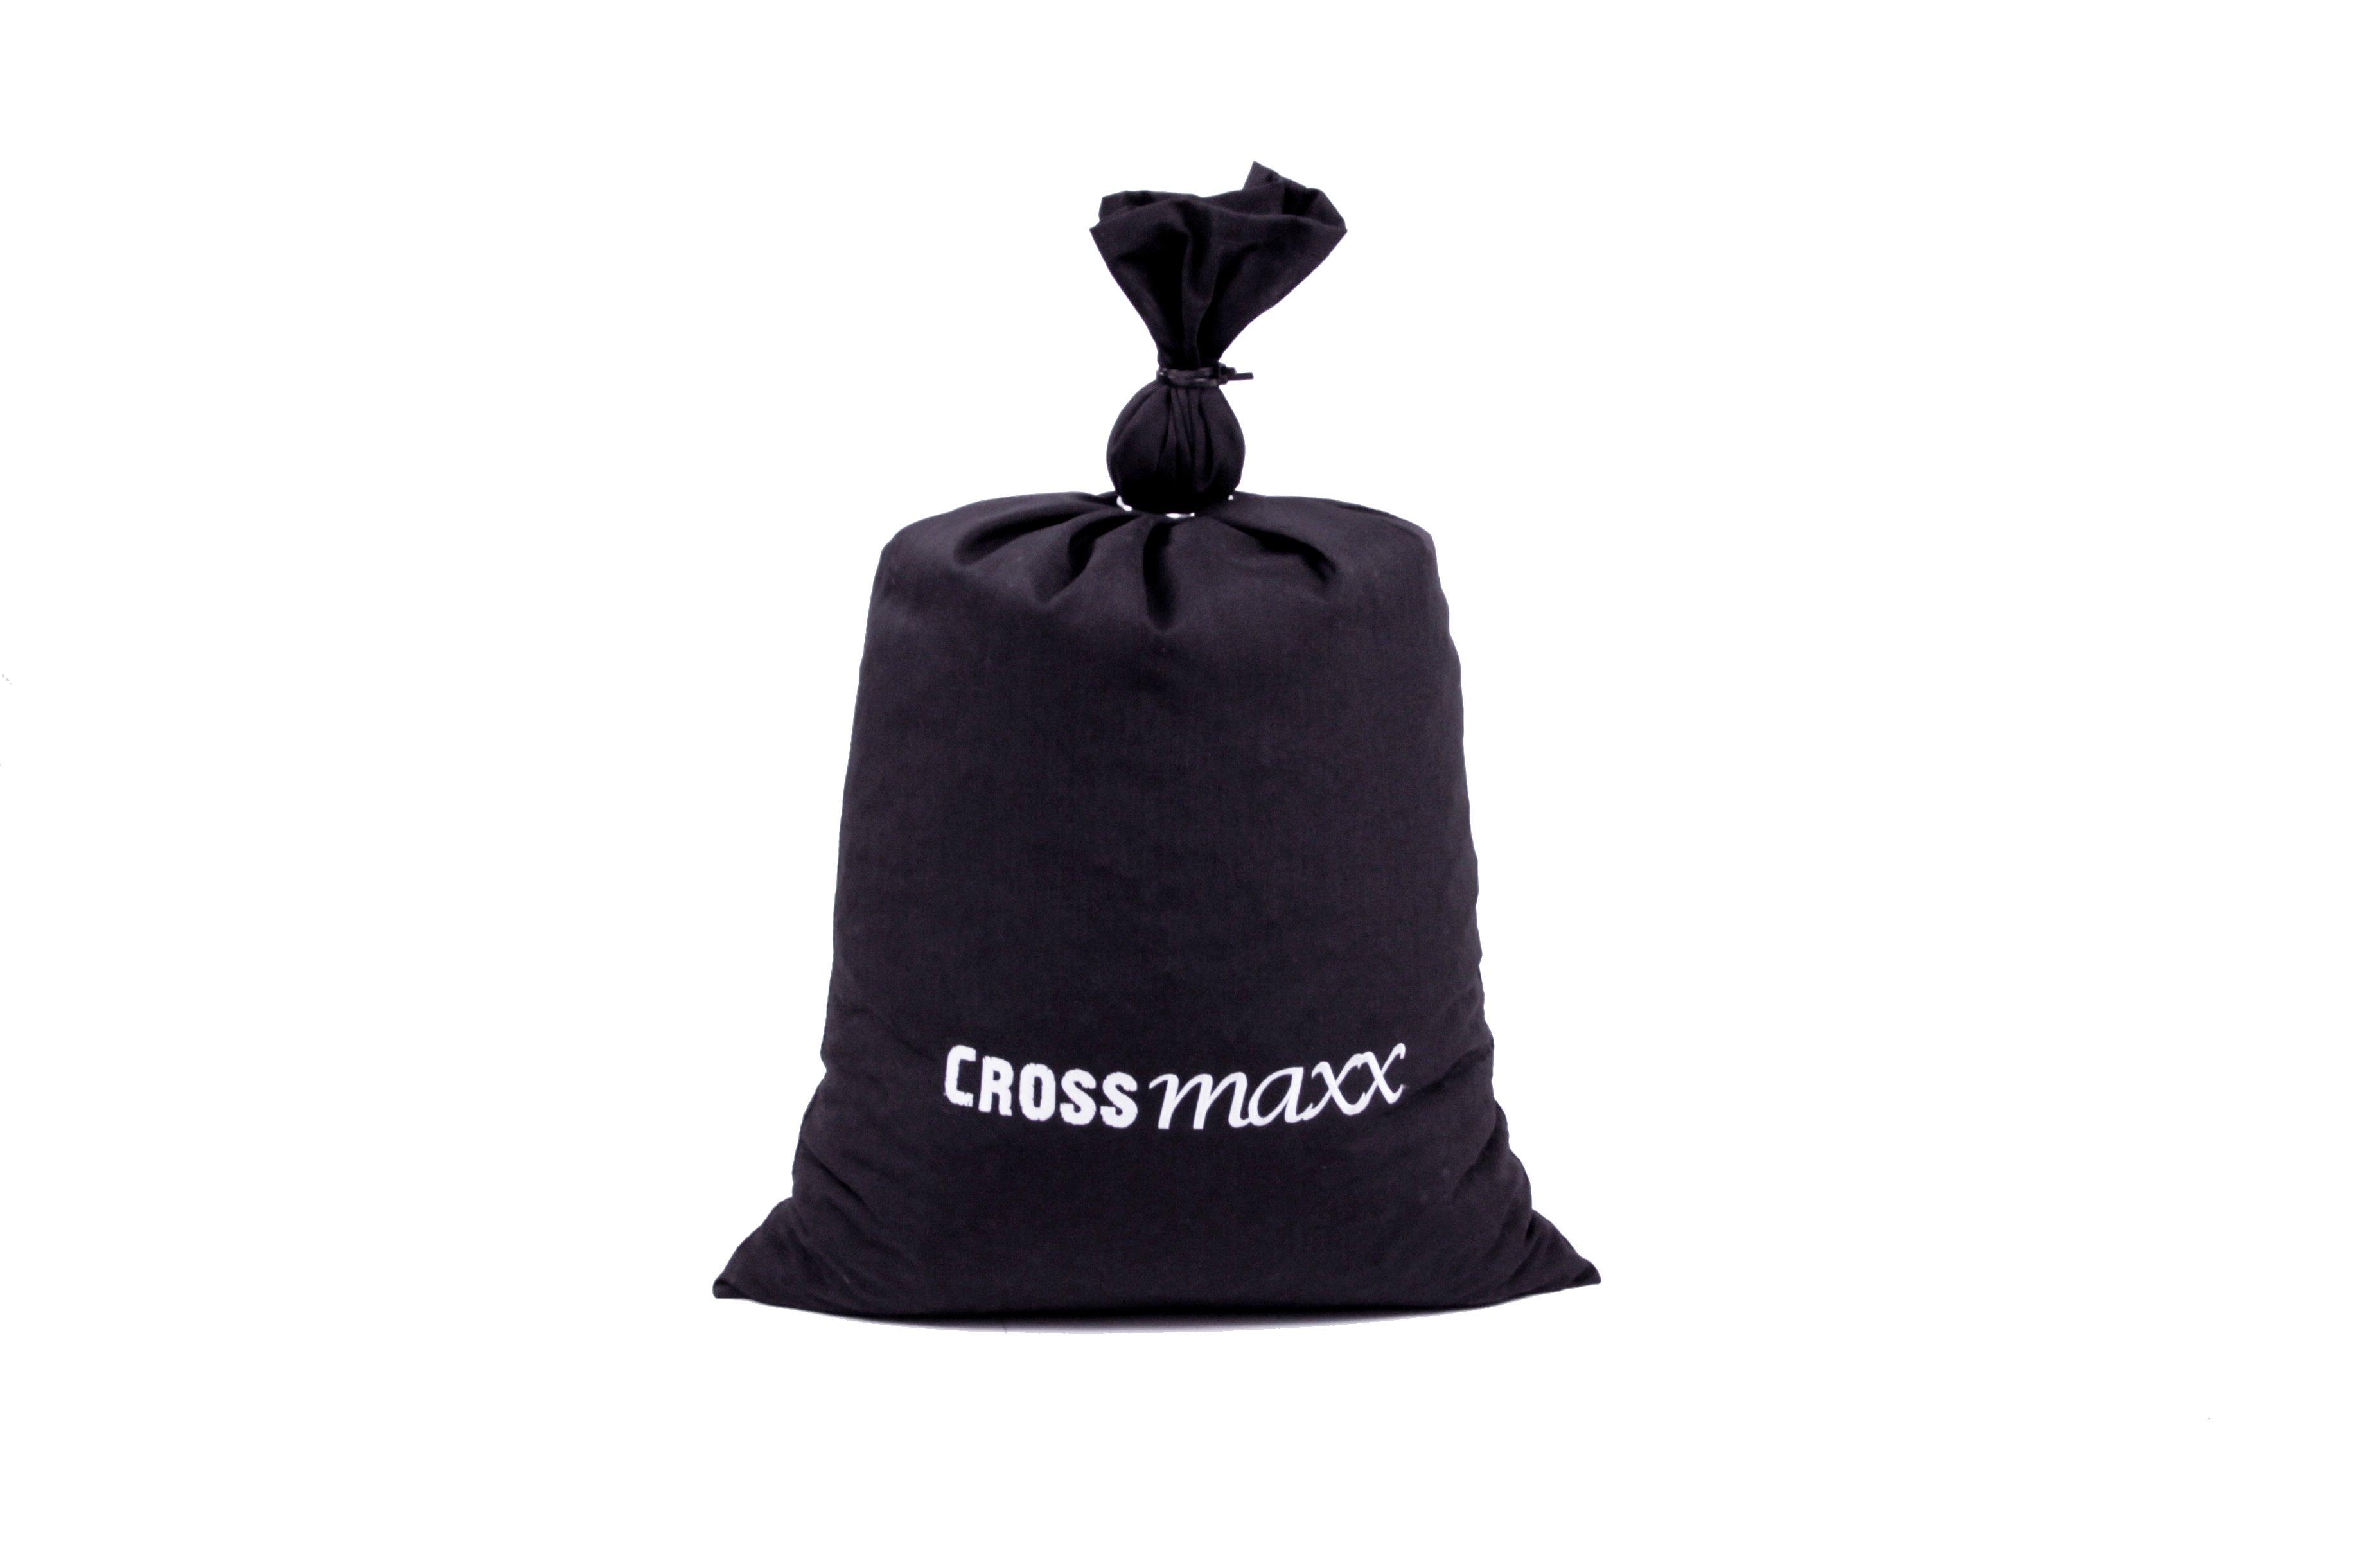 Crossmaxx BigBoy Sandbag XL (Max 115 kg)